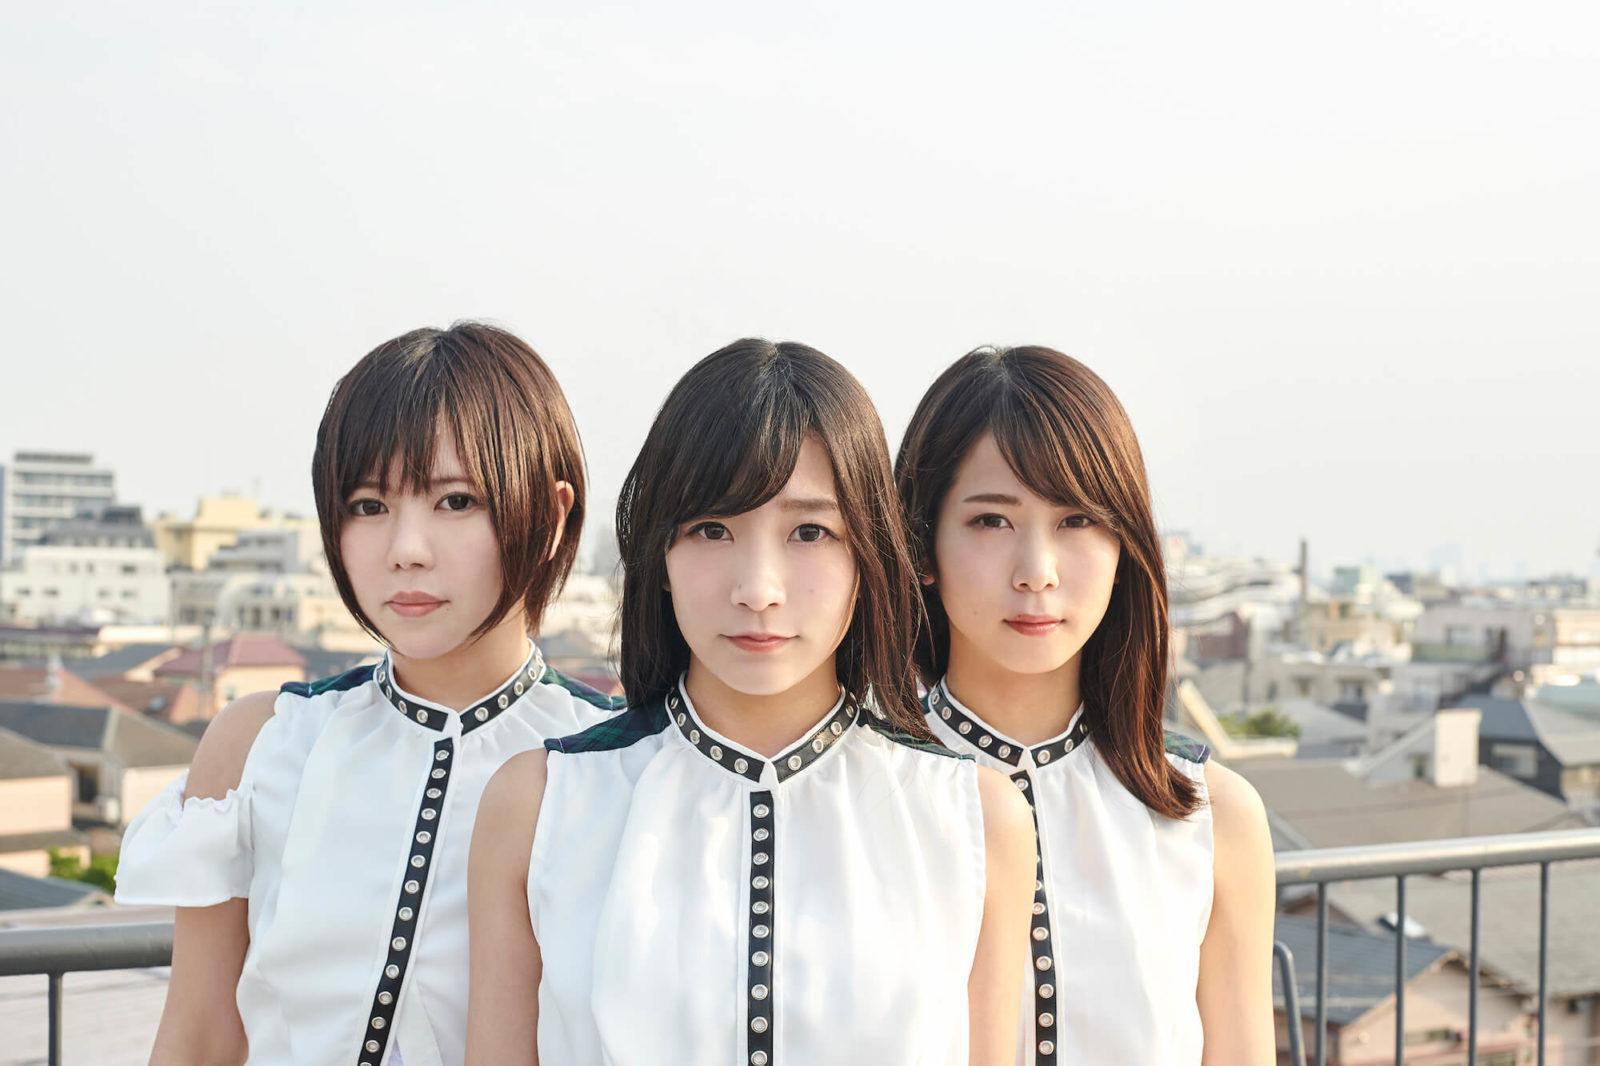 あゆみくりかまき「ボクらの熊魂2019~お前もまたぎにしてやろうか!!TOUR~」ライブ映像を3本公開サムネイル画像!